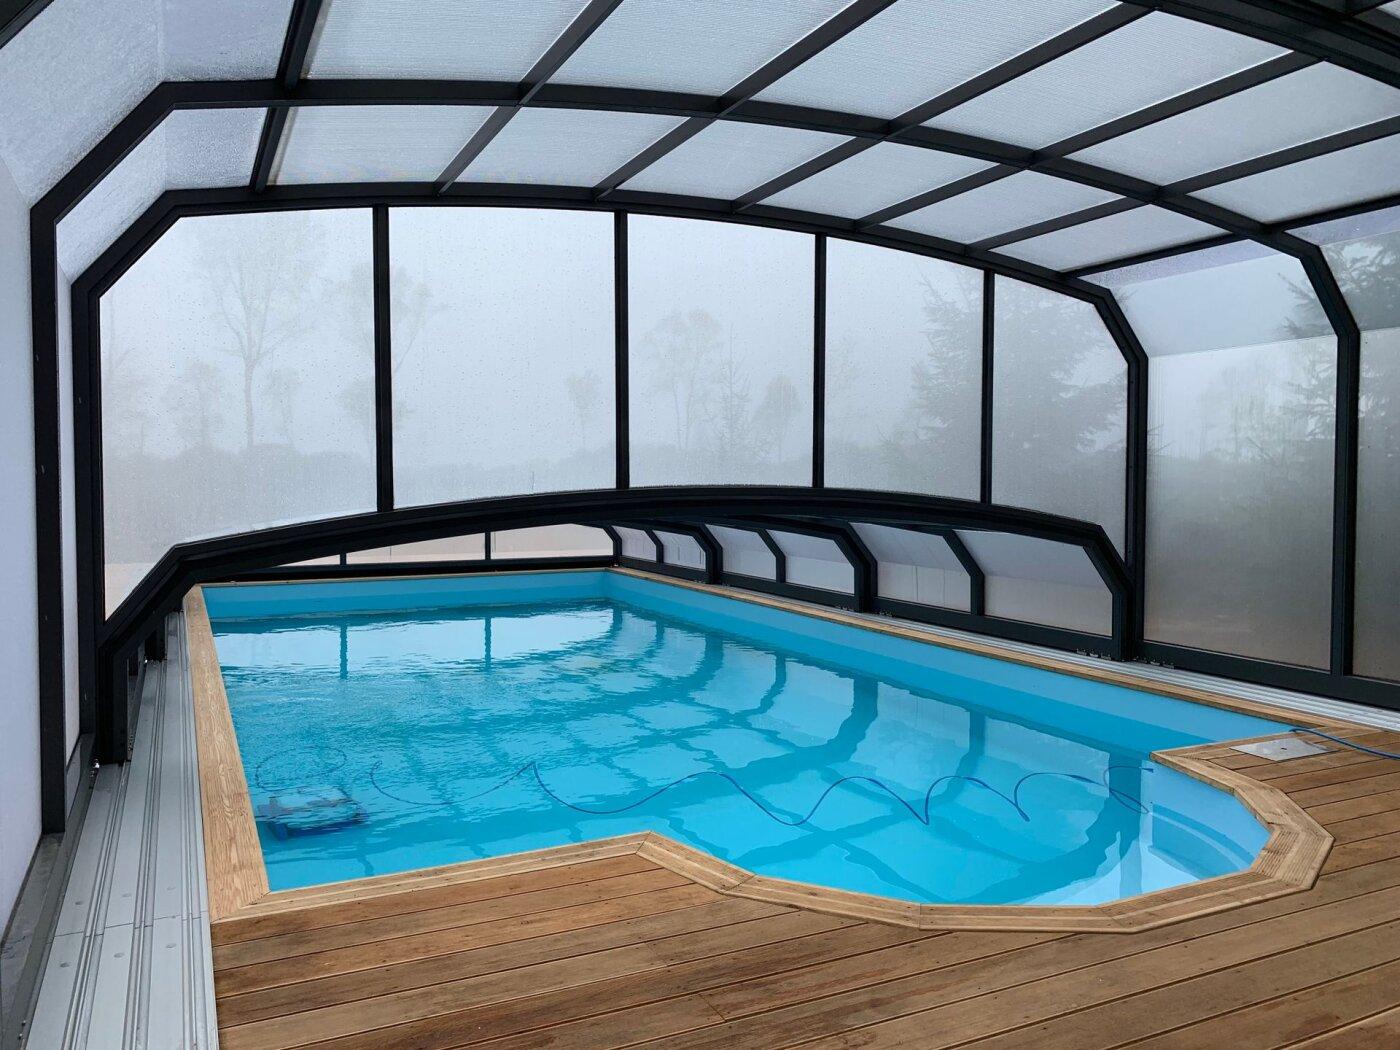 Подогрев бассейна на даче: все способы и варианты